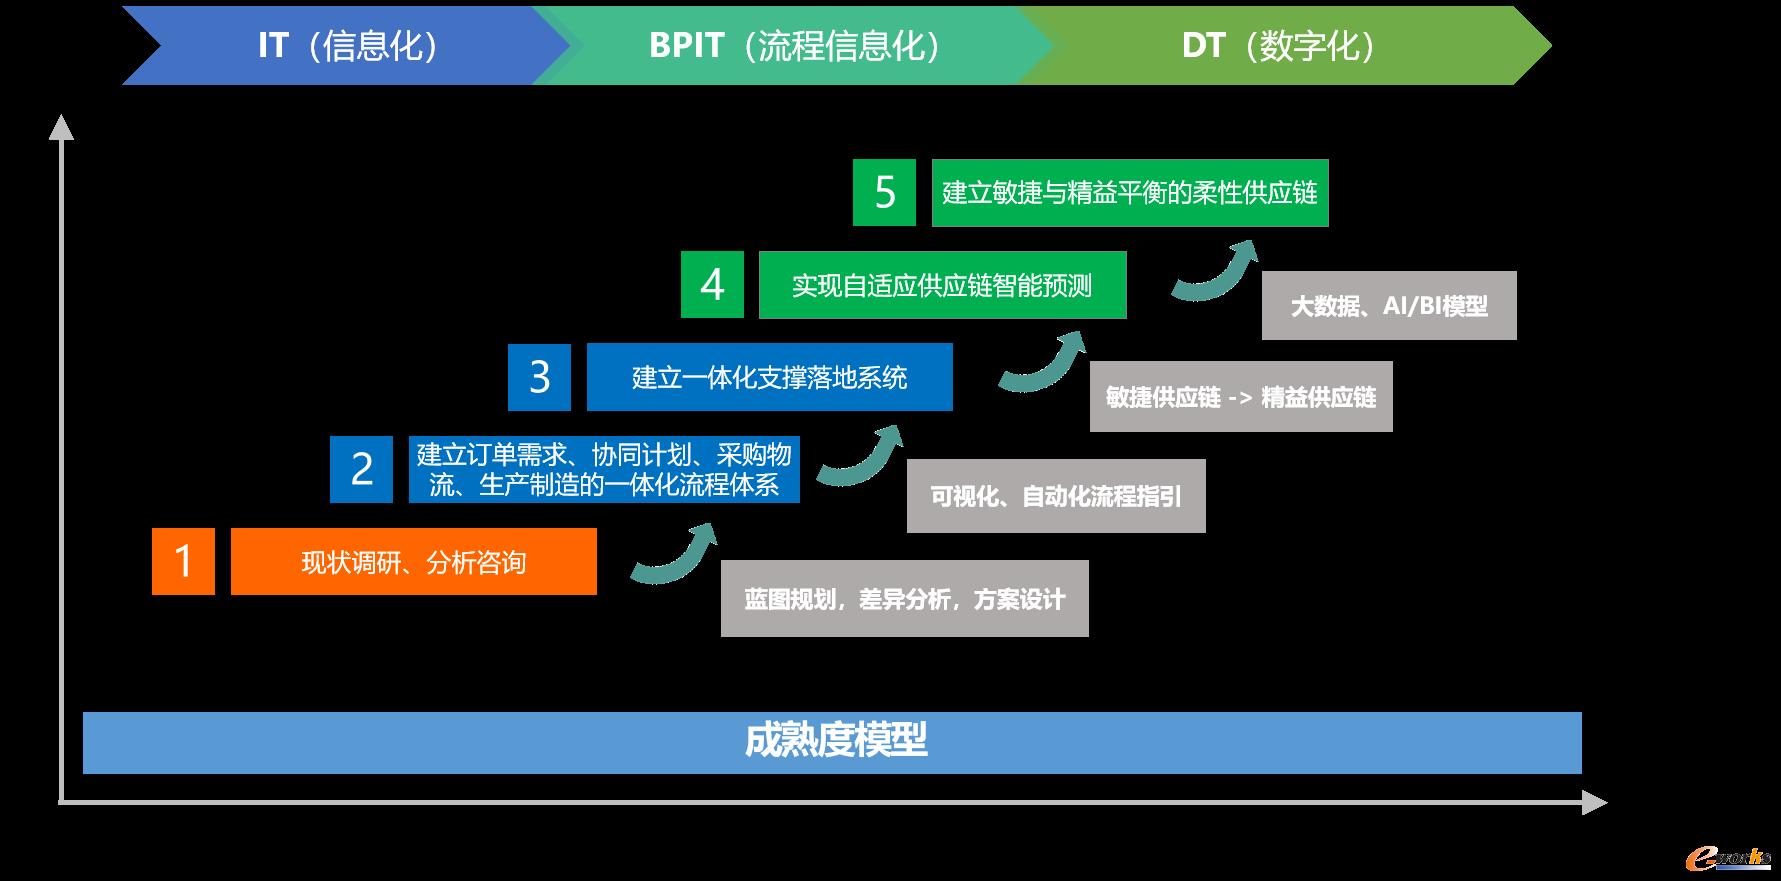 微创网络制造业企业自适应供应链推进路线图